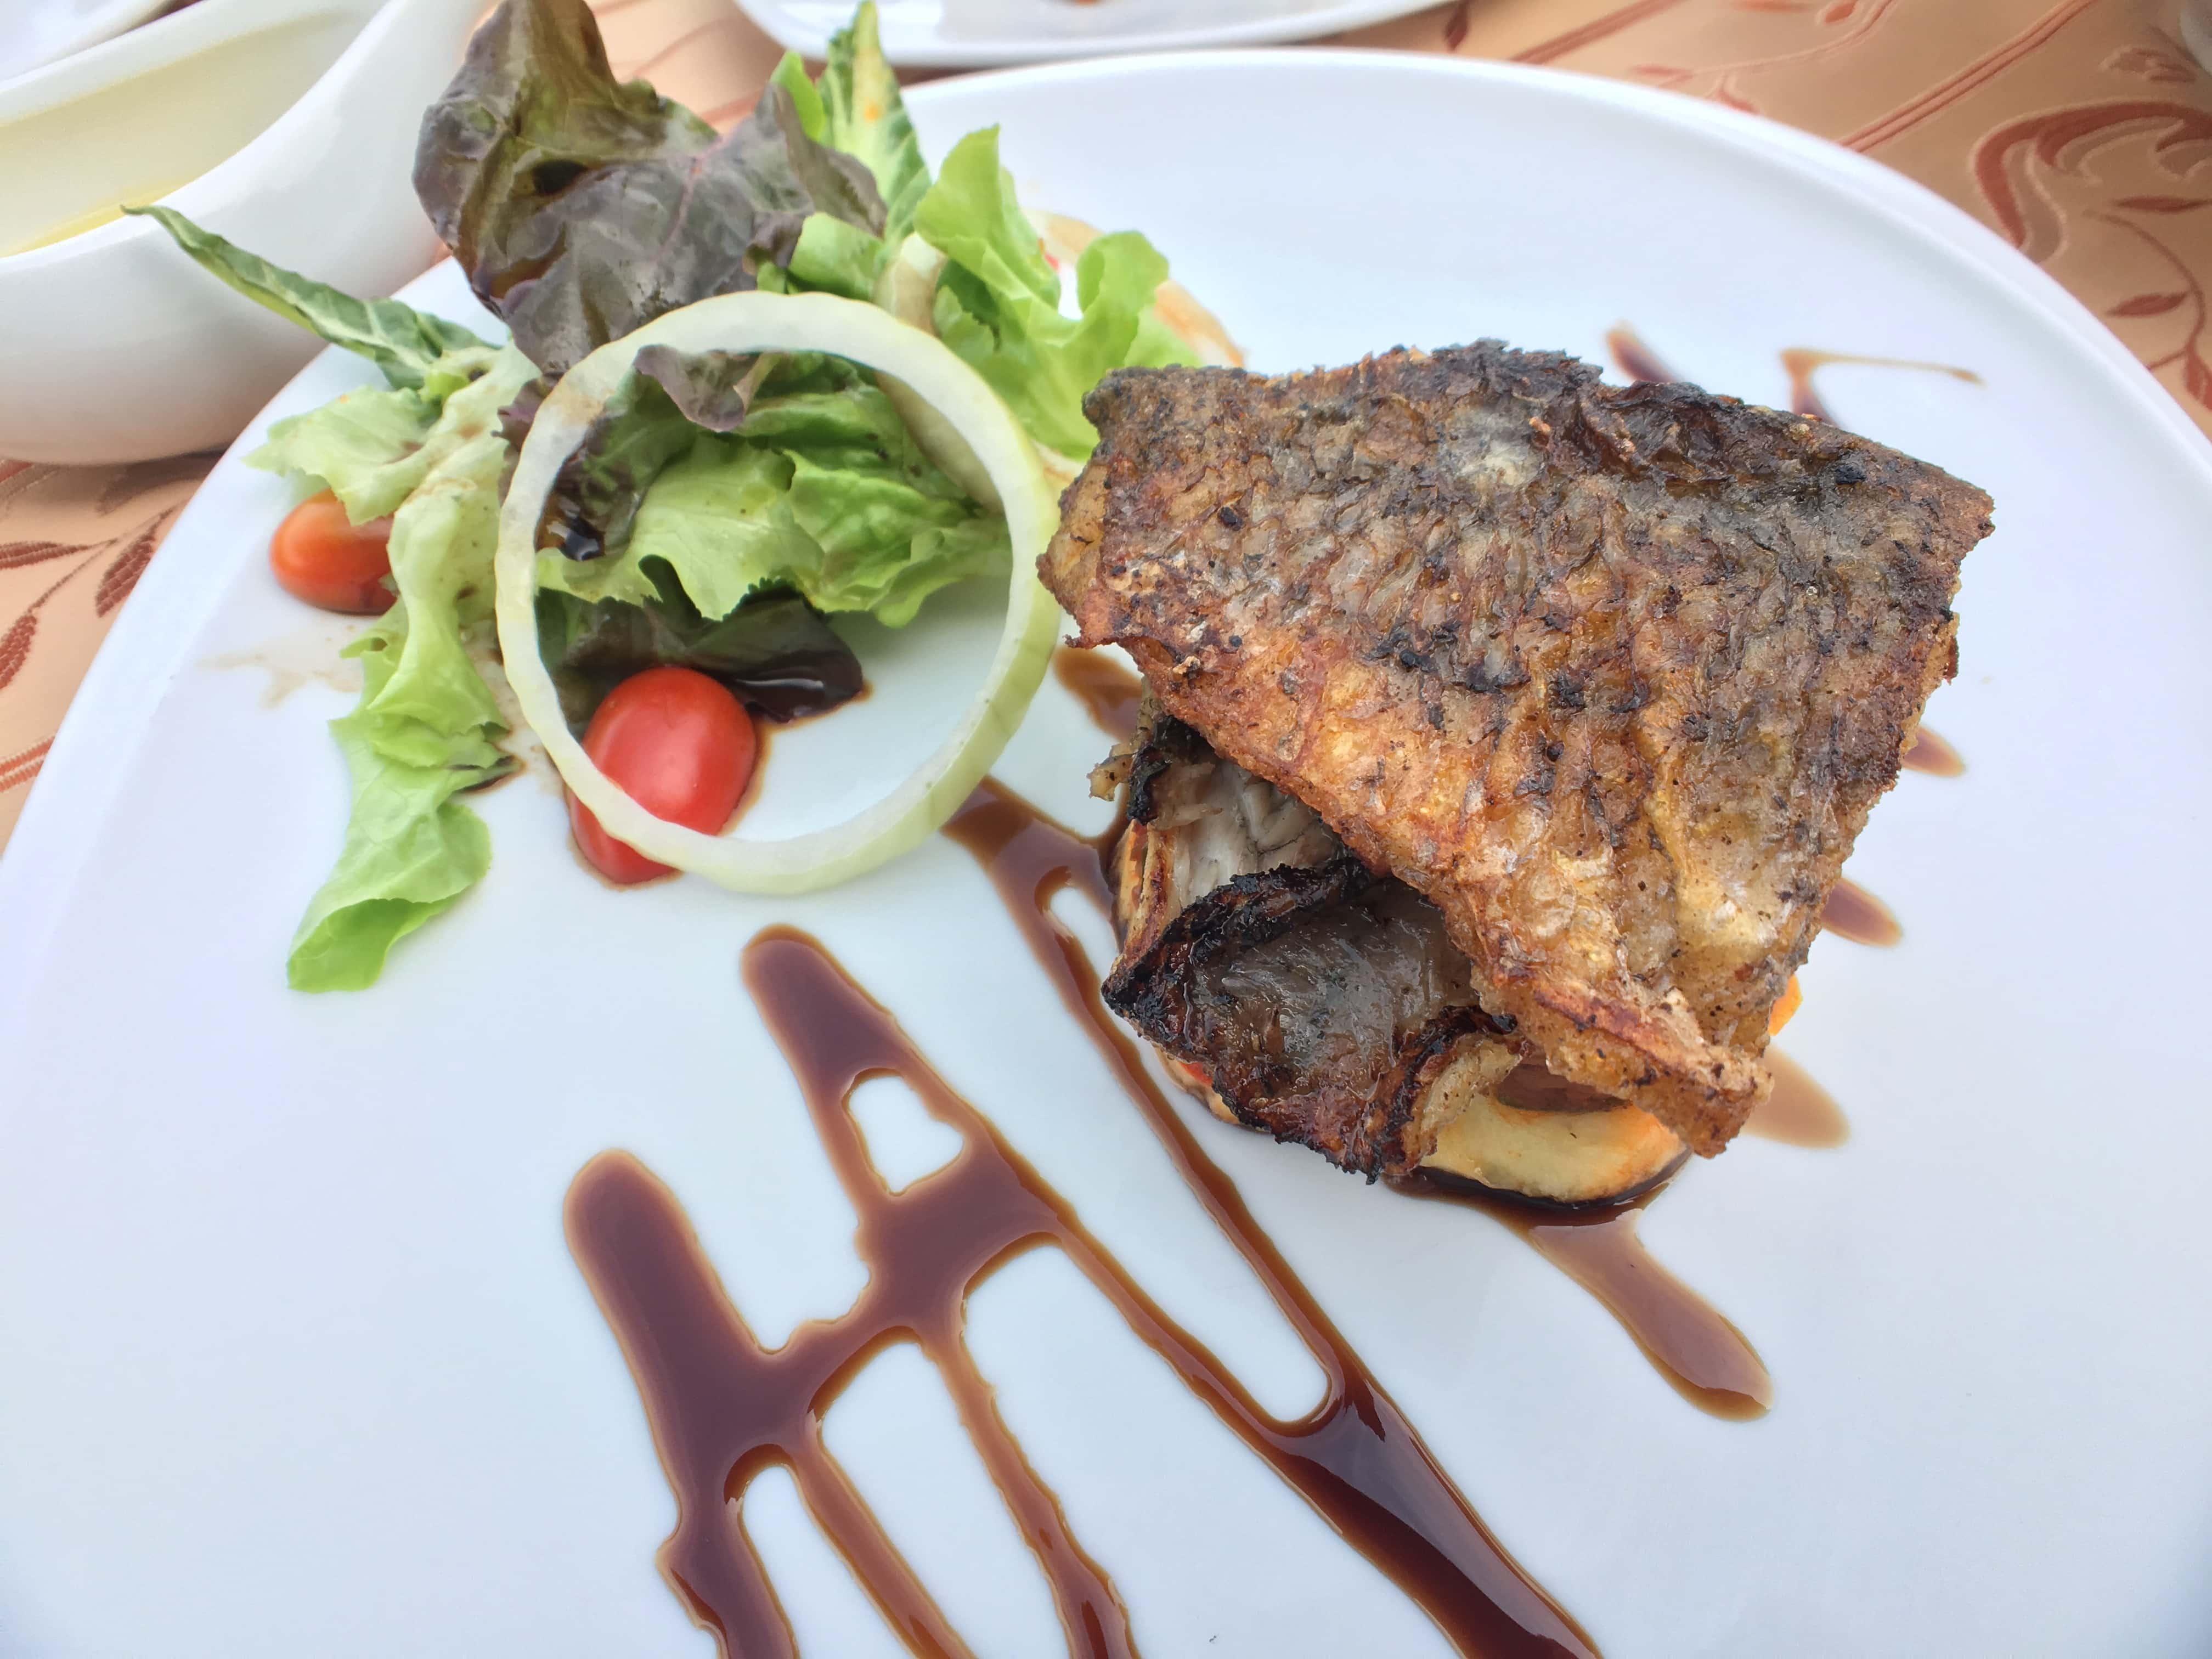 Fish and salad.